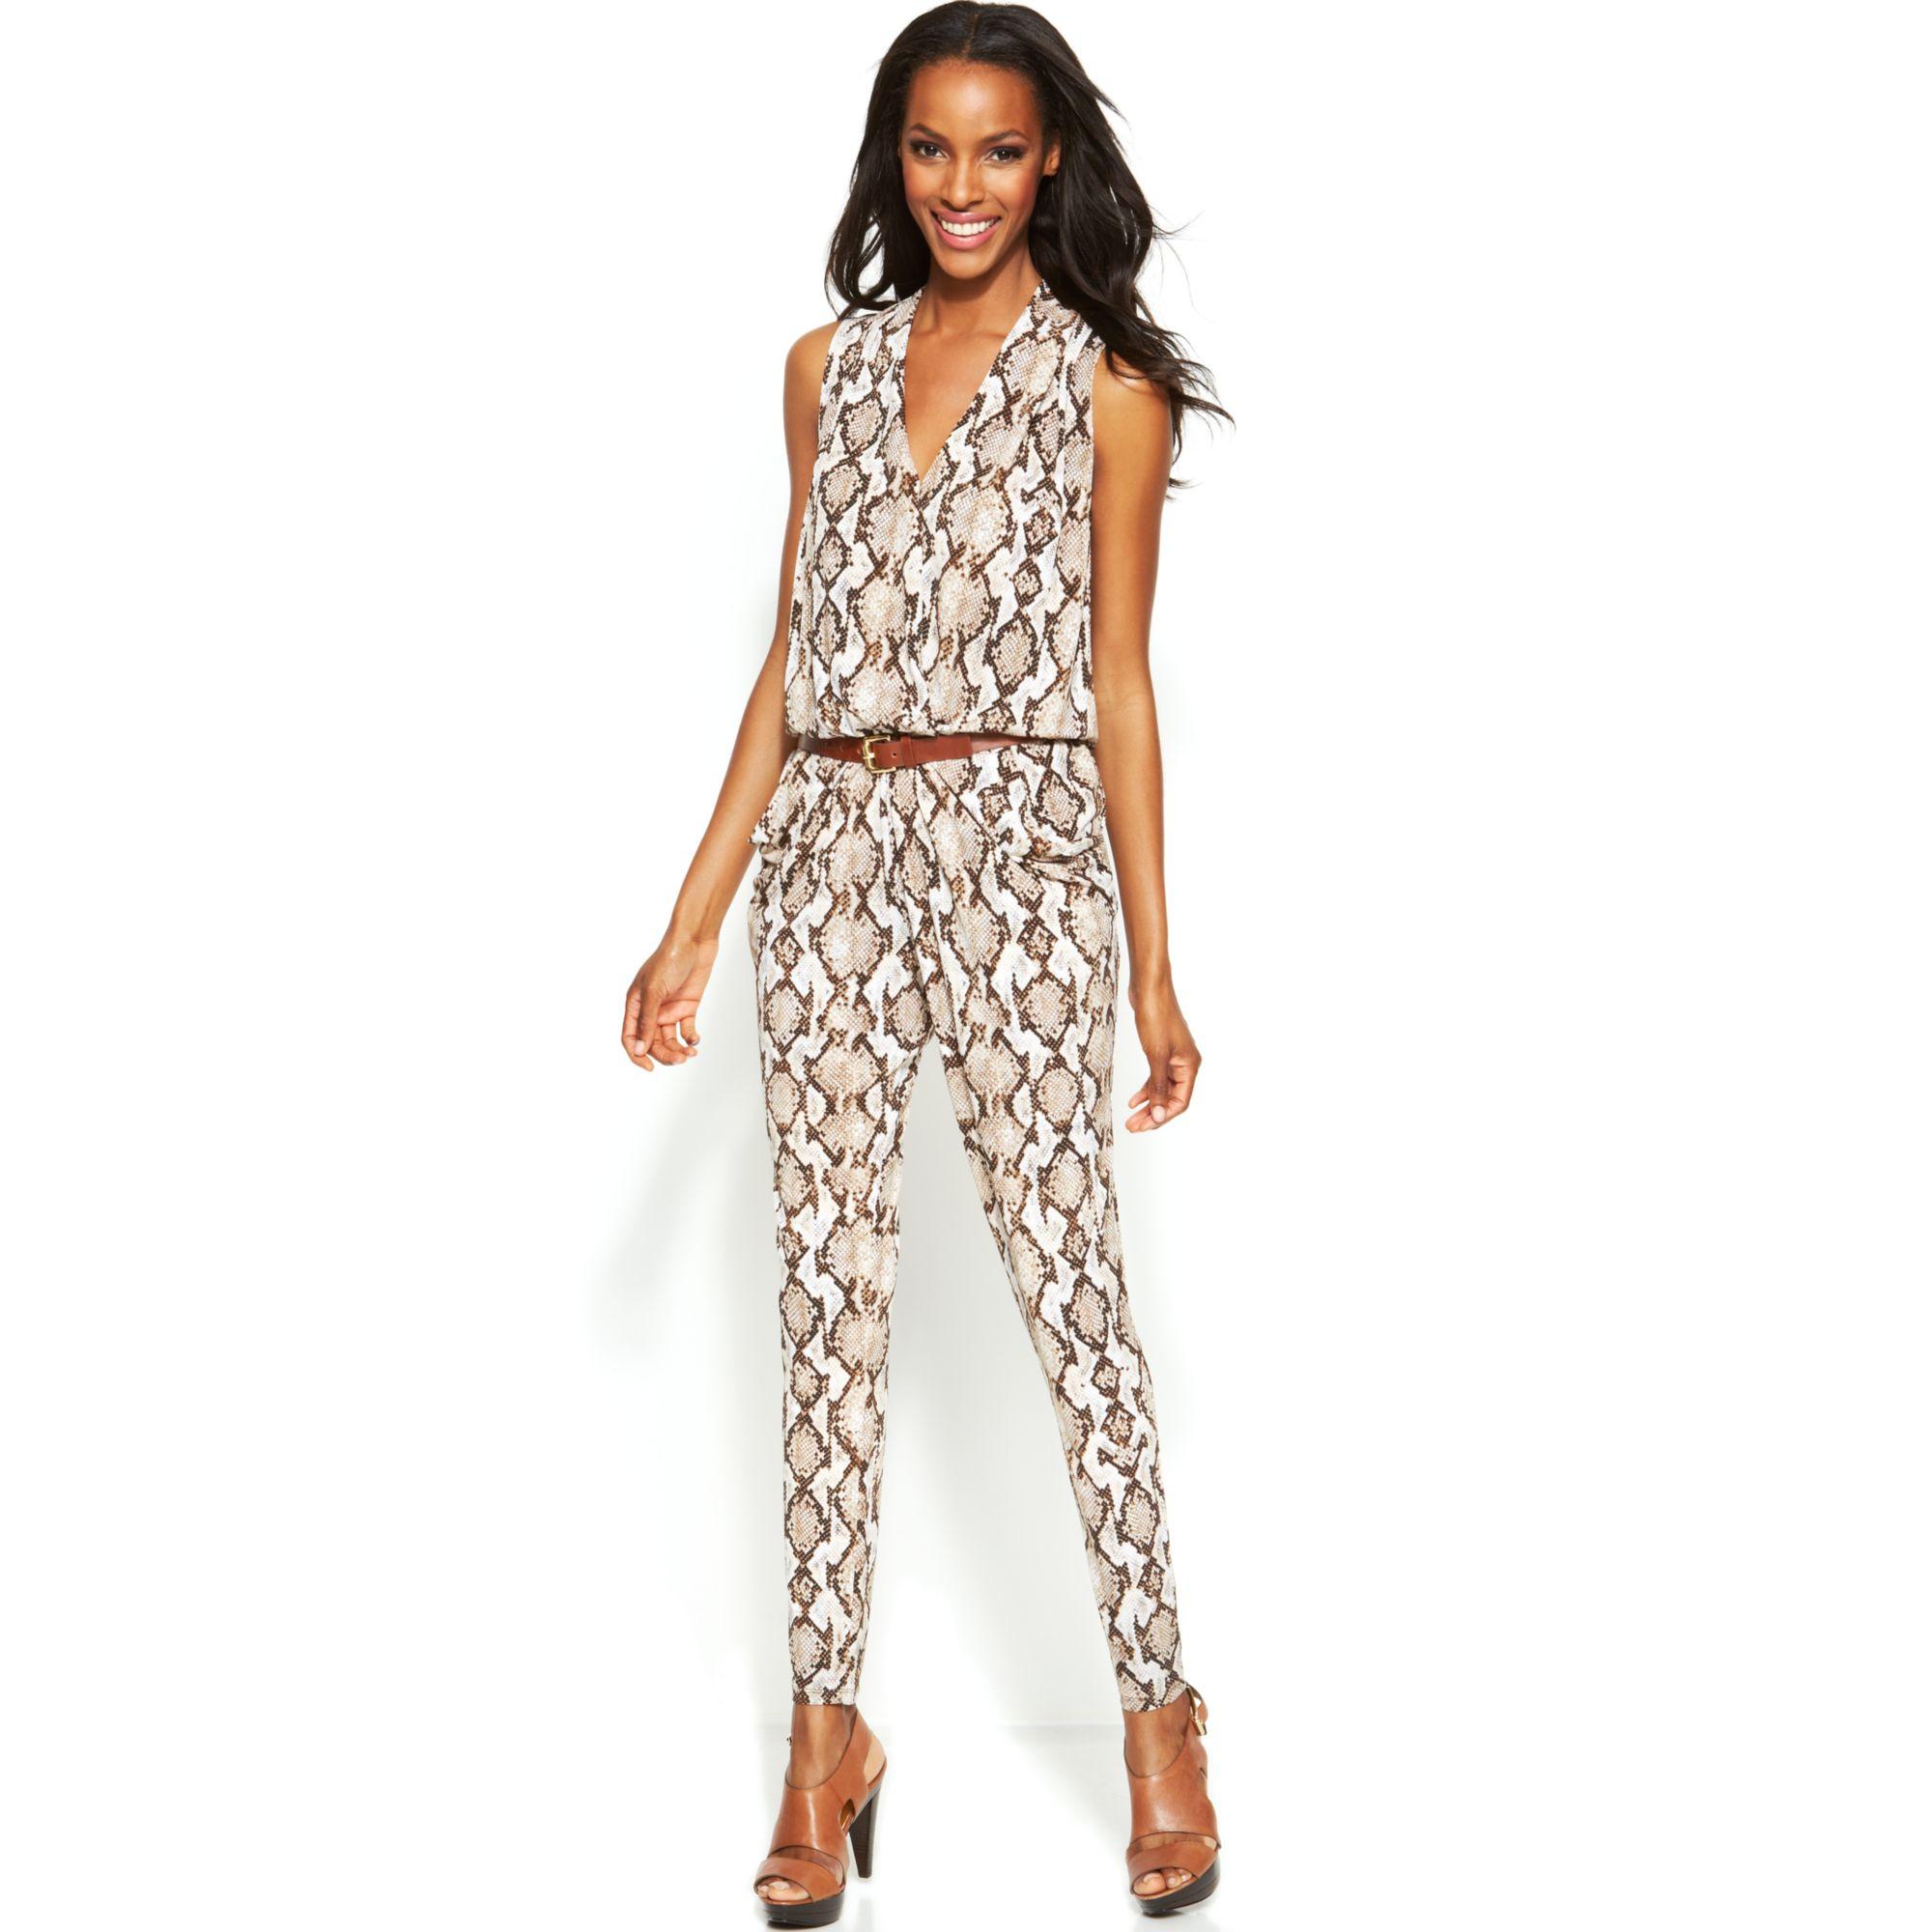 michael kors animal print belted jumpsuit in white caramel lyst. Black Bedroom Furniture Sets. Home Design Ideas